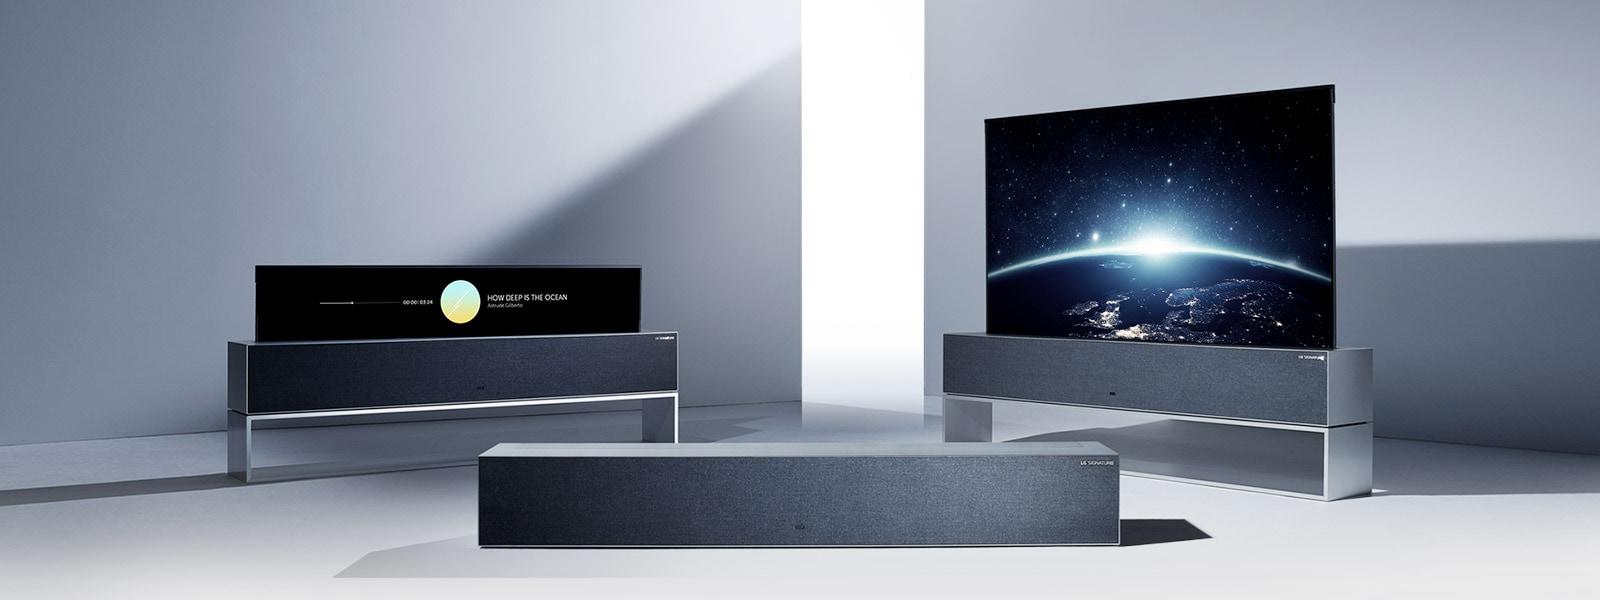 Три выдвижных OLED-телевизора LG SIGNATURE имеют режим полного обзора, линейный просмотр и нулевой просмотр.